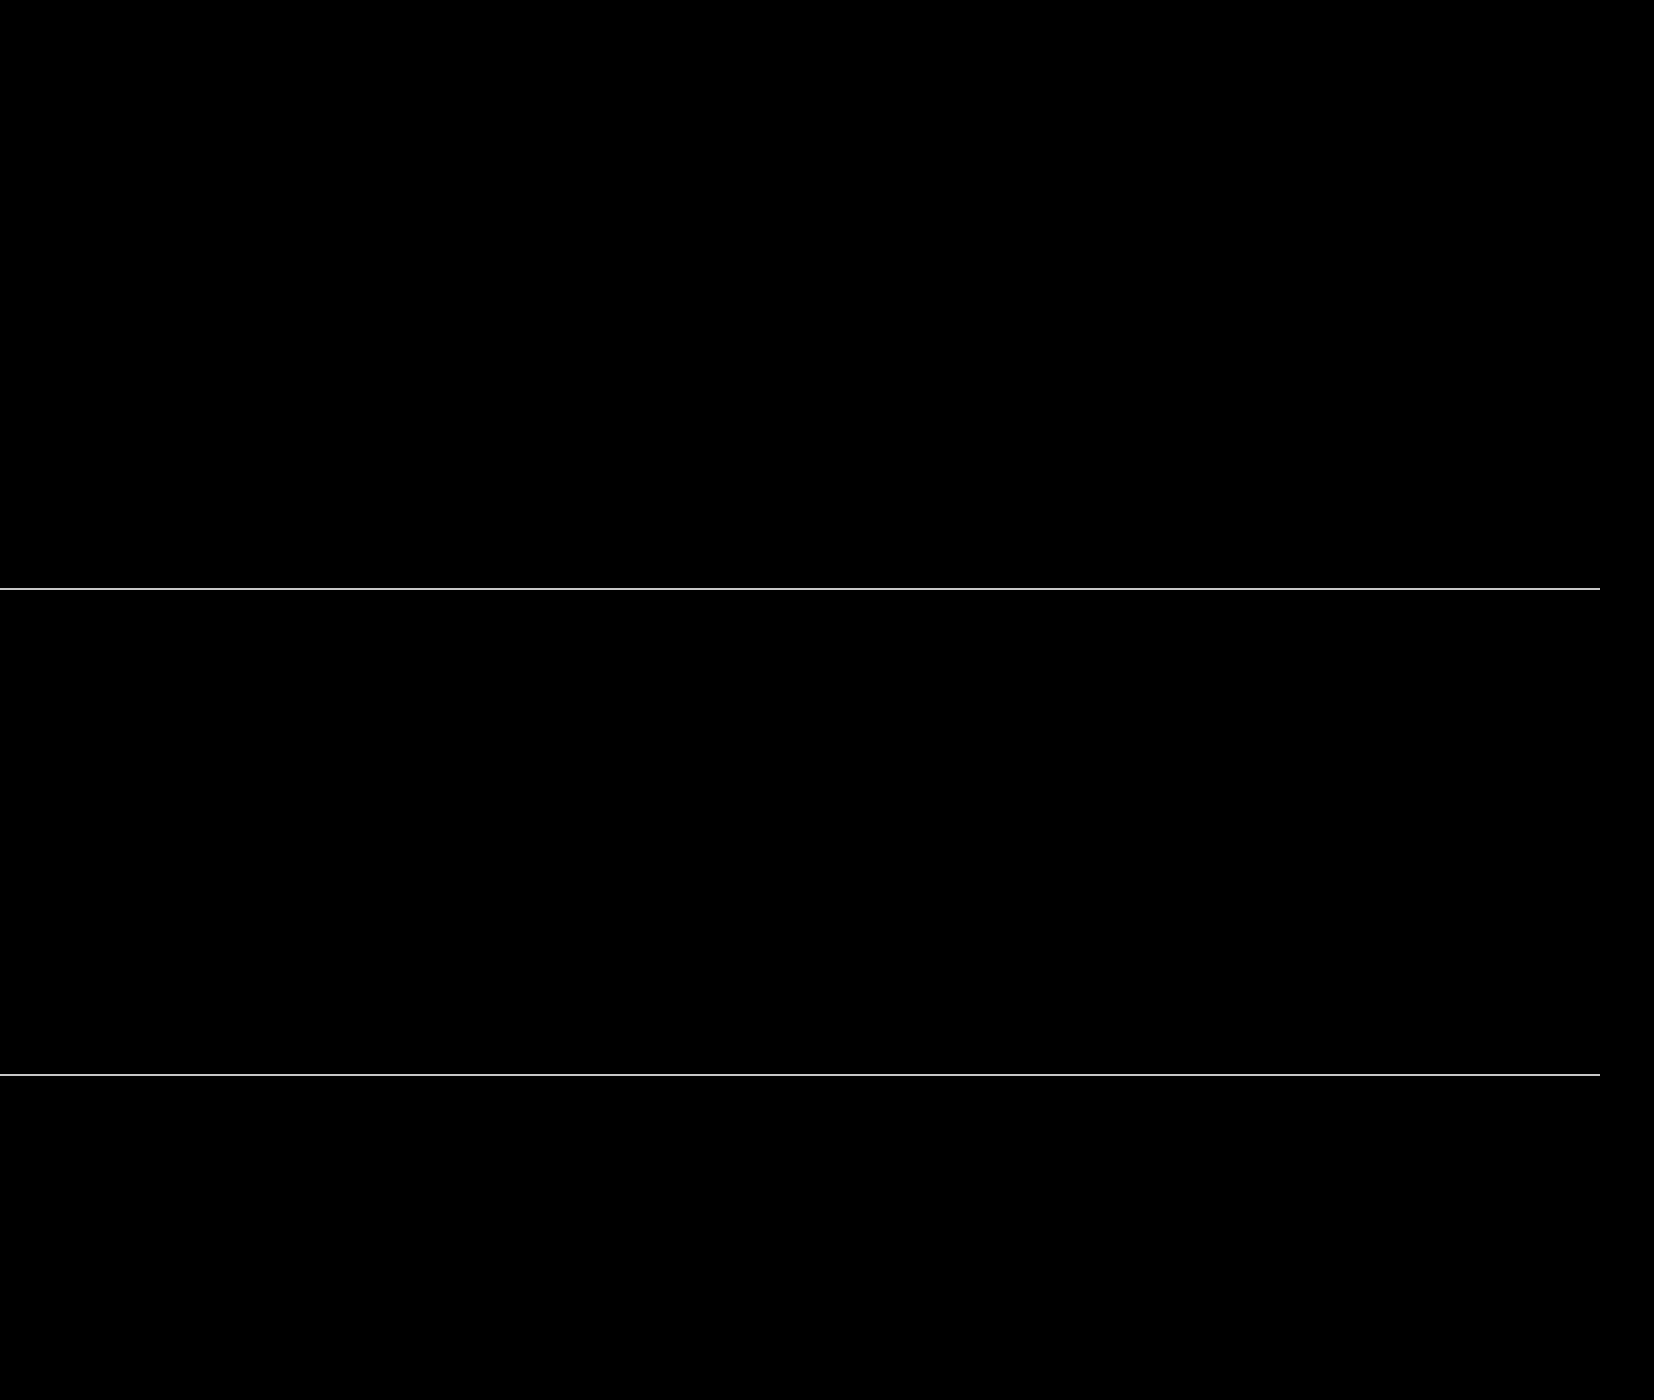 скриншот выбора стиля текста